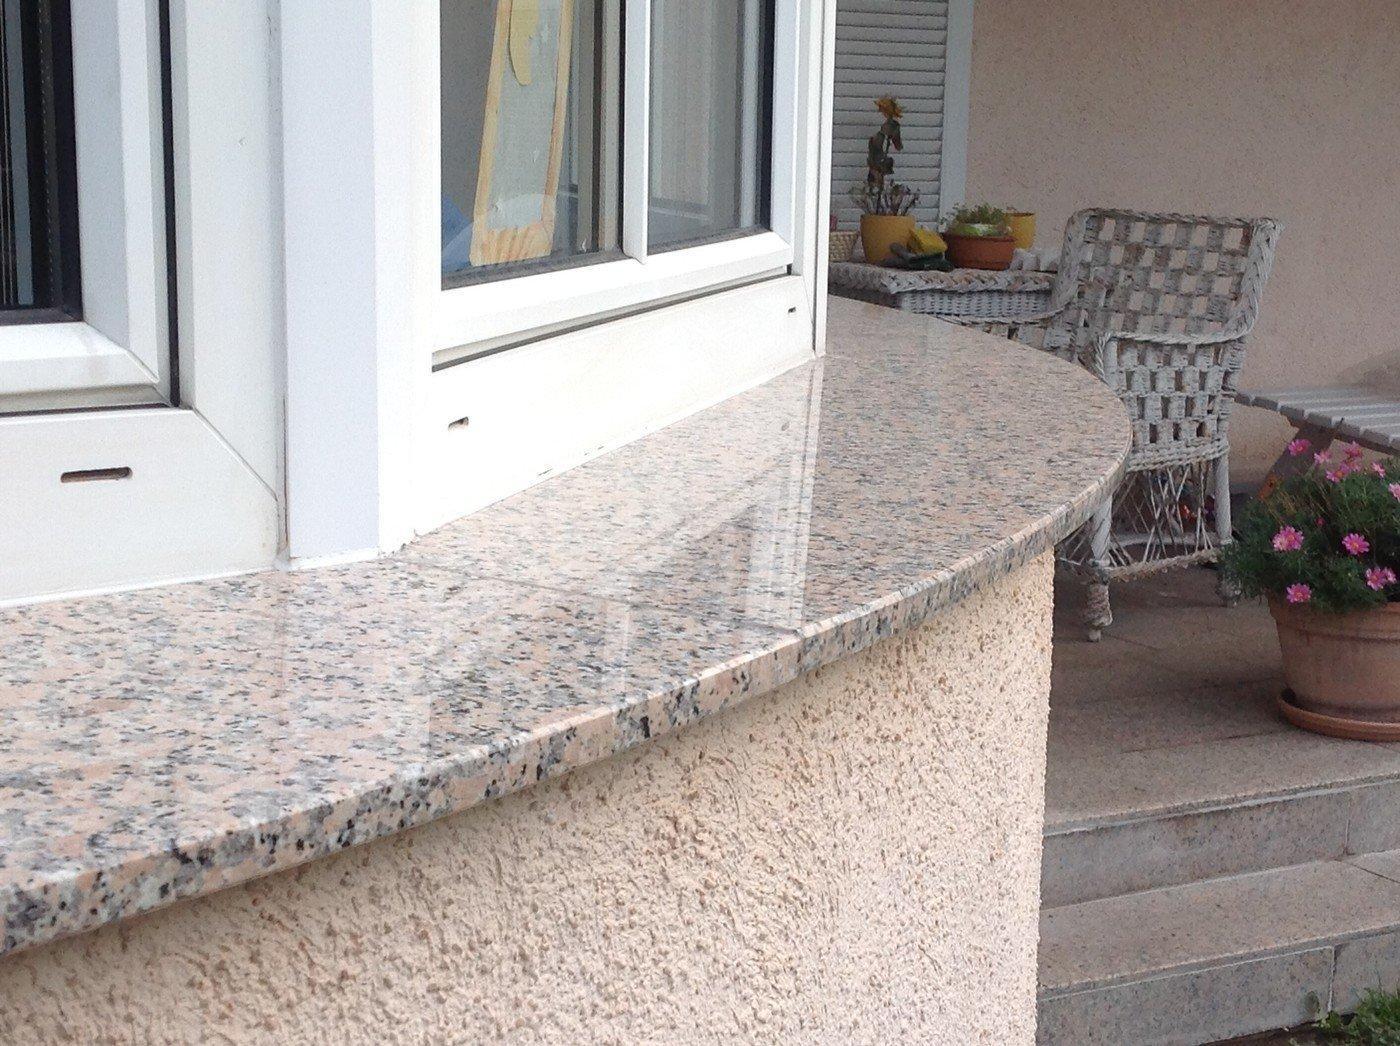 Referenzen - Fensterbank bzw. Fensterbänke Topalit Österreich